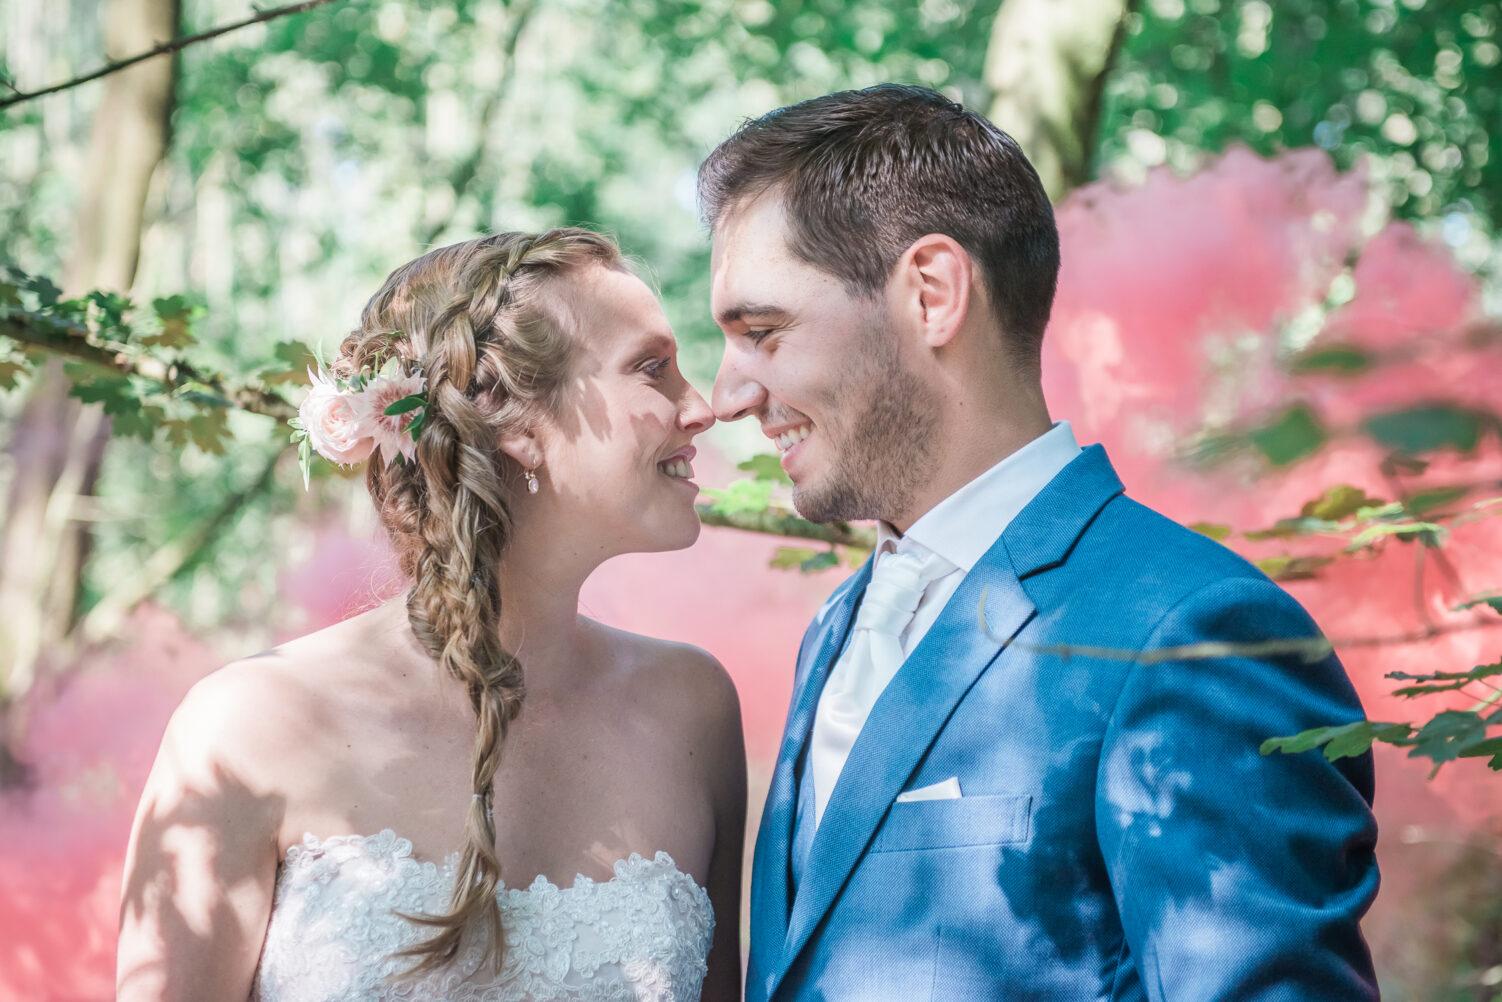 Smokebomb wedding photography